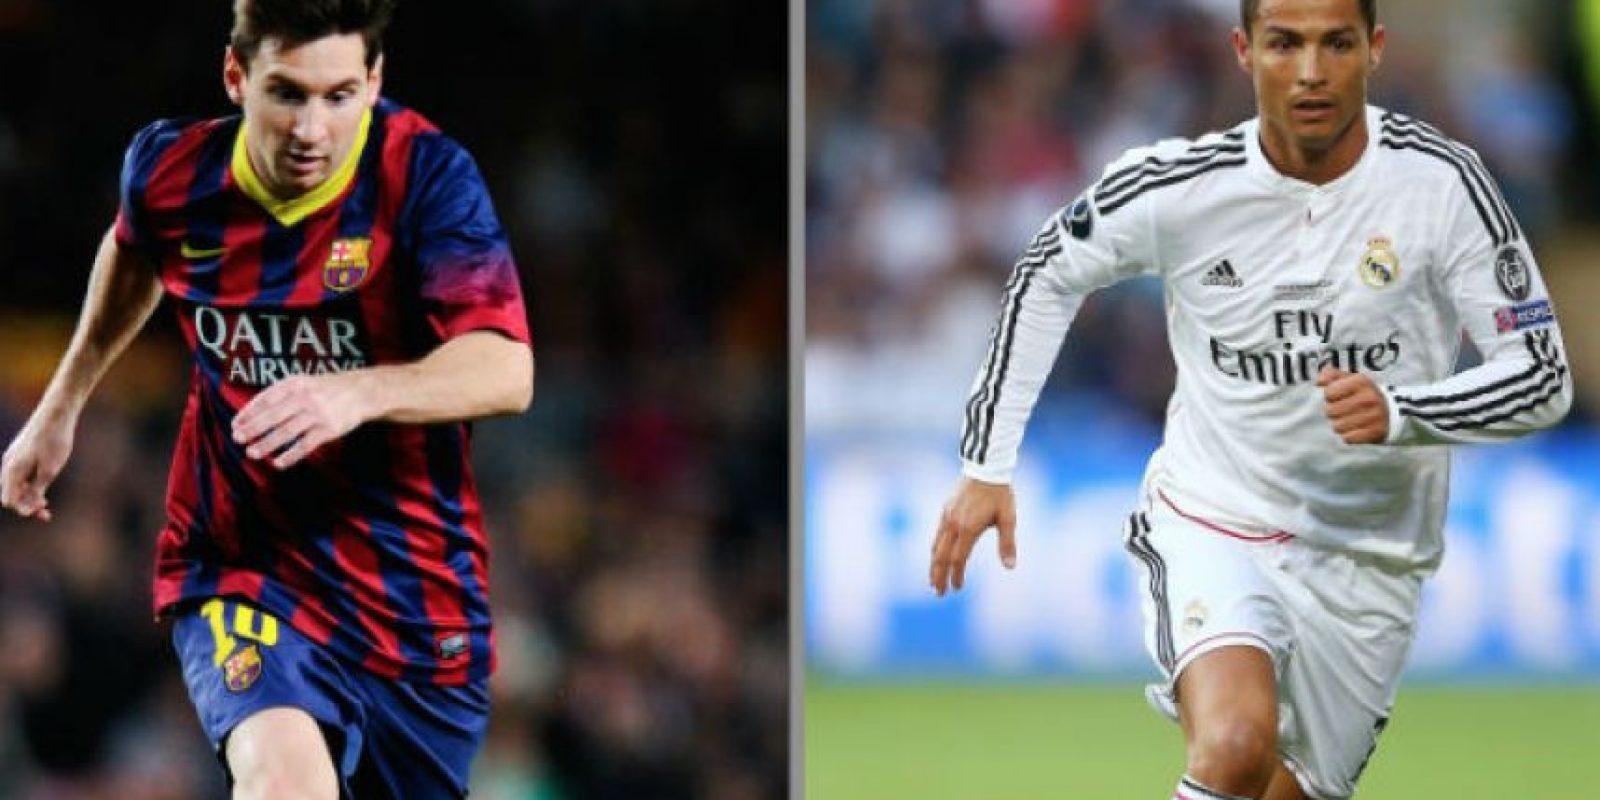 Messi y Cristiano Ronaldo estrenarán zapatos deportivos. Foto:Getty Images